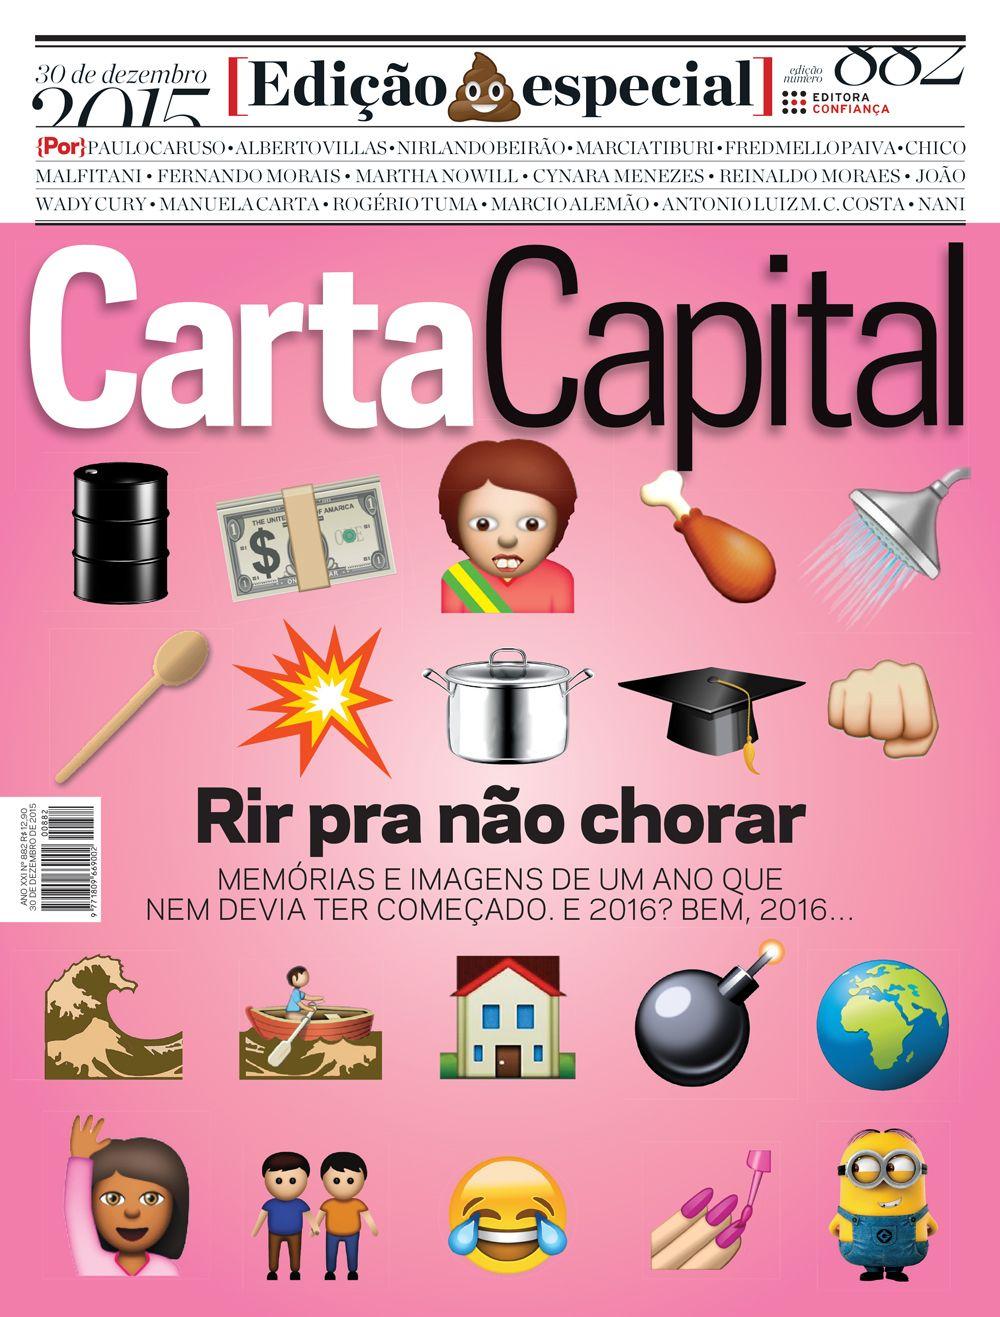 Edição 882 de CartaCapital - Retrospectiva 2015